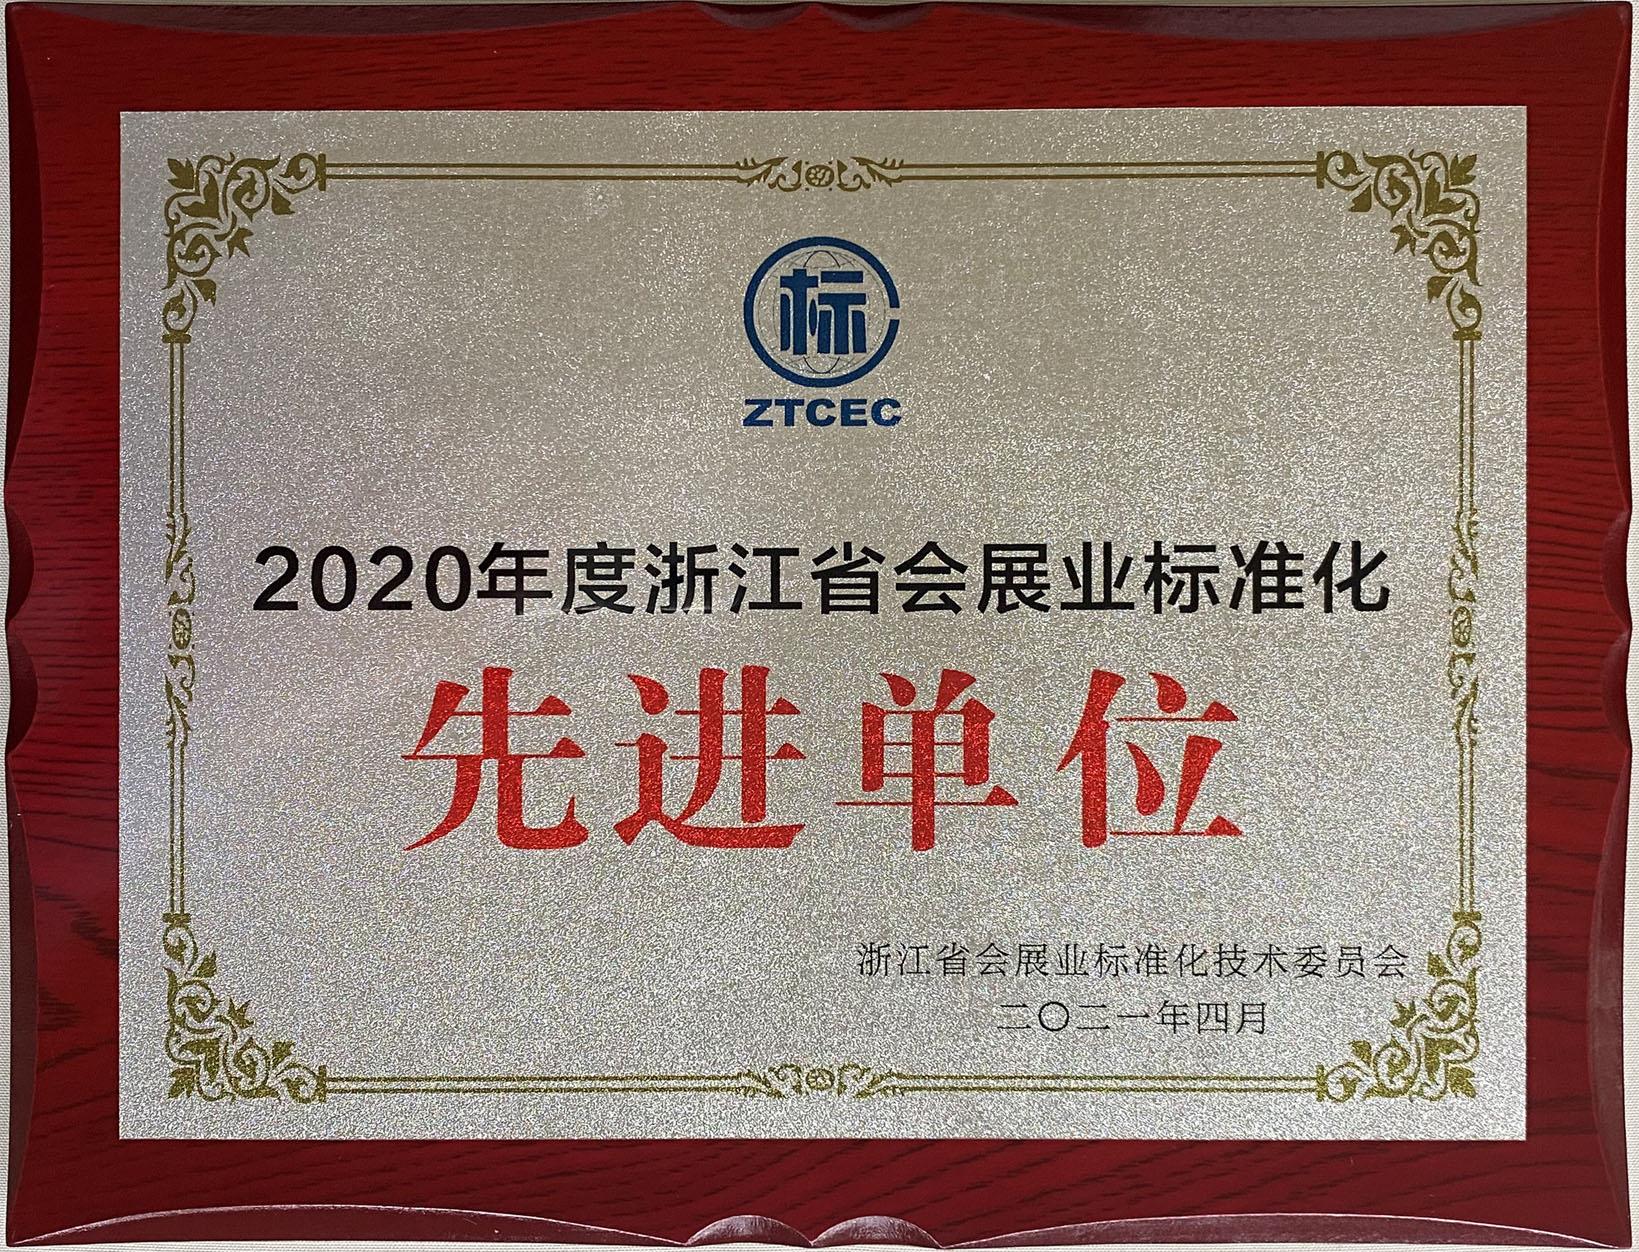 2020年度浙江省会展业标准化先进单位